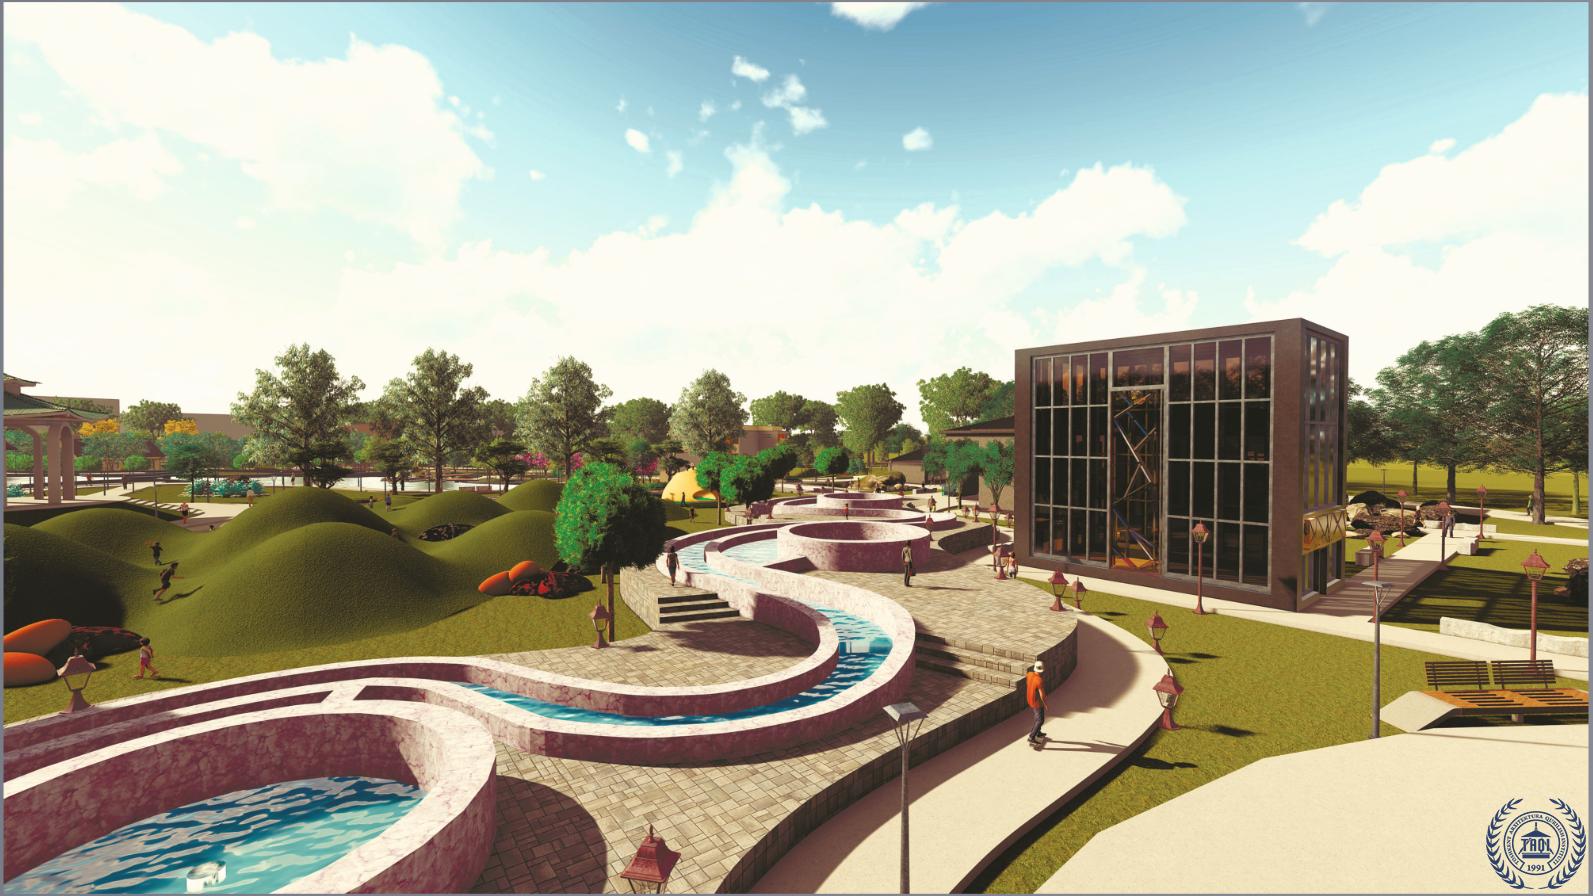 Park hududini rekonstruksiya qilish konsepsiyasi